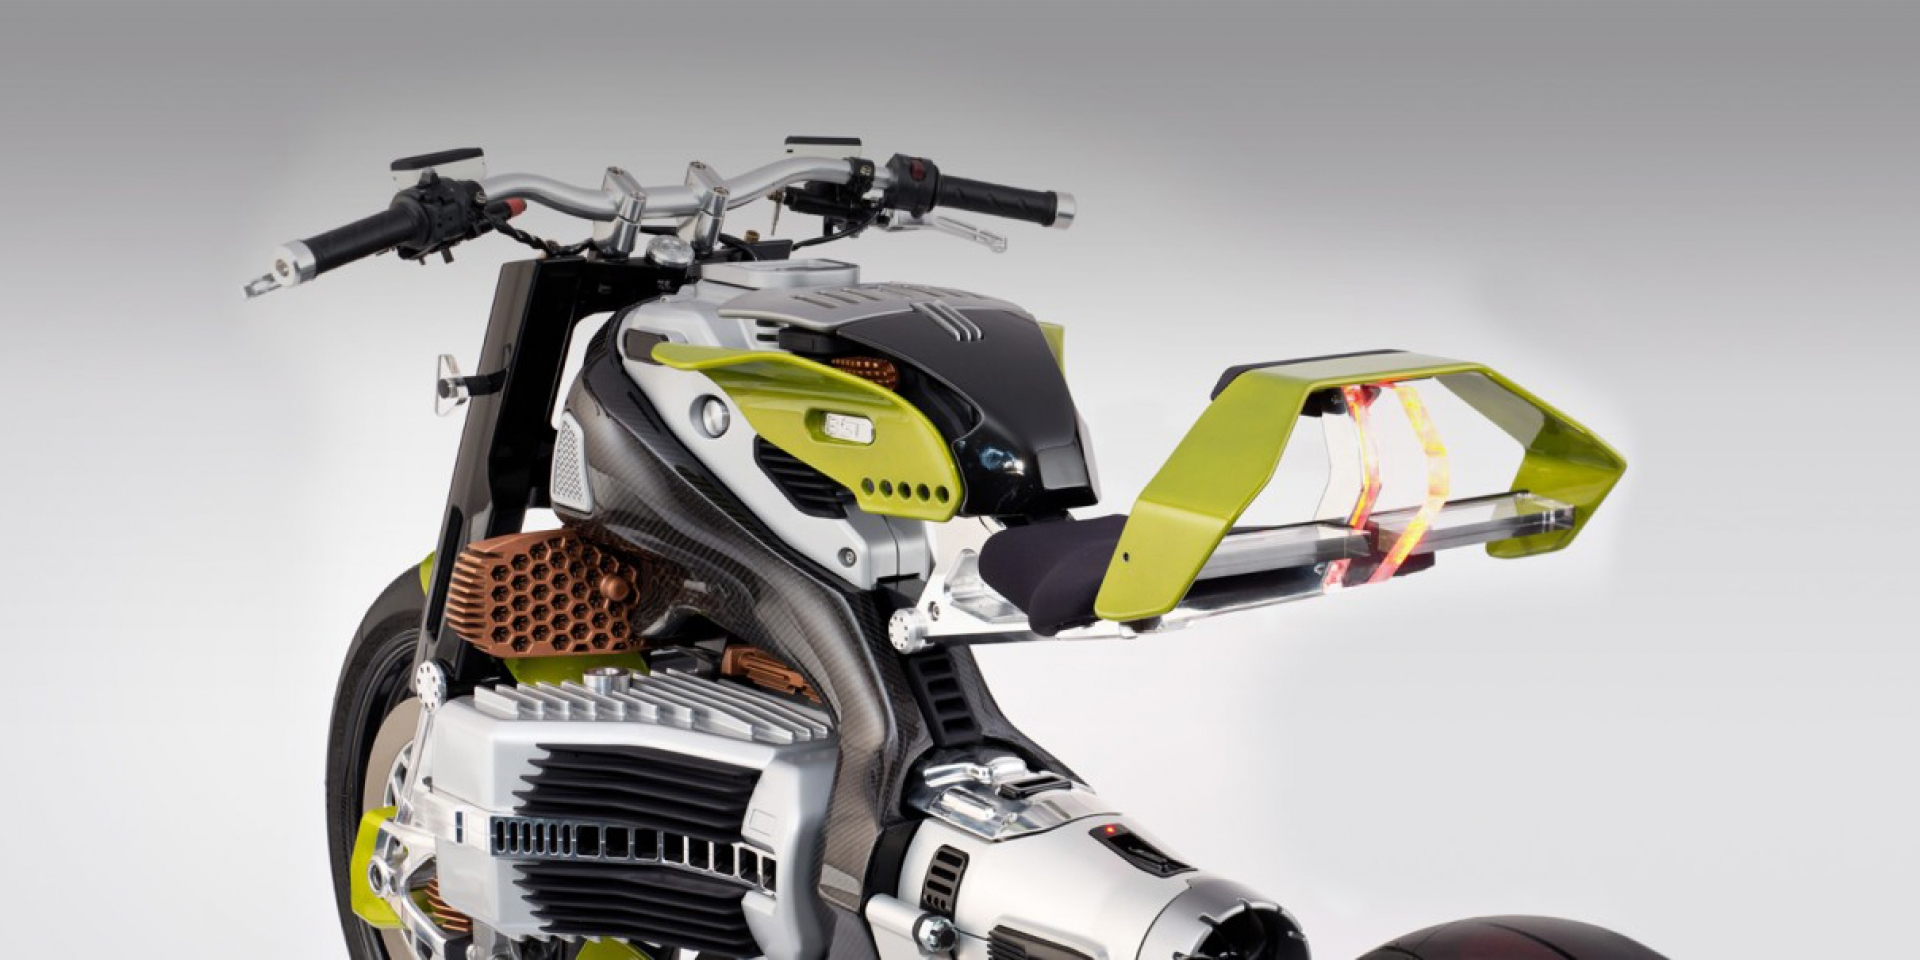 電能狂野美學。BST Hypertek 電動車